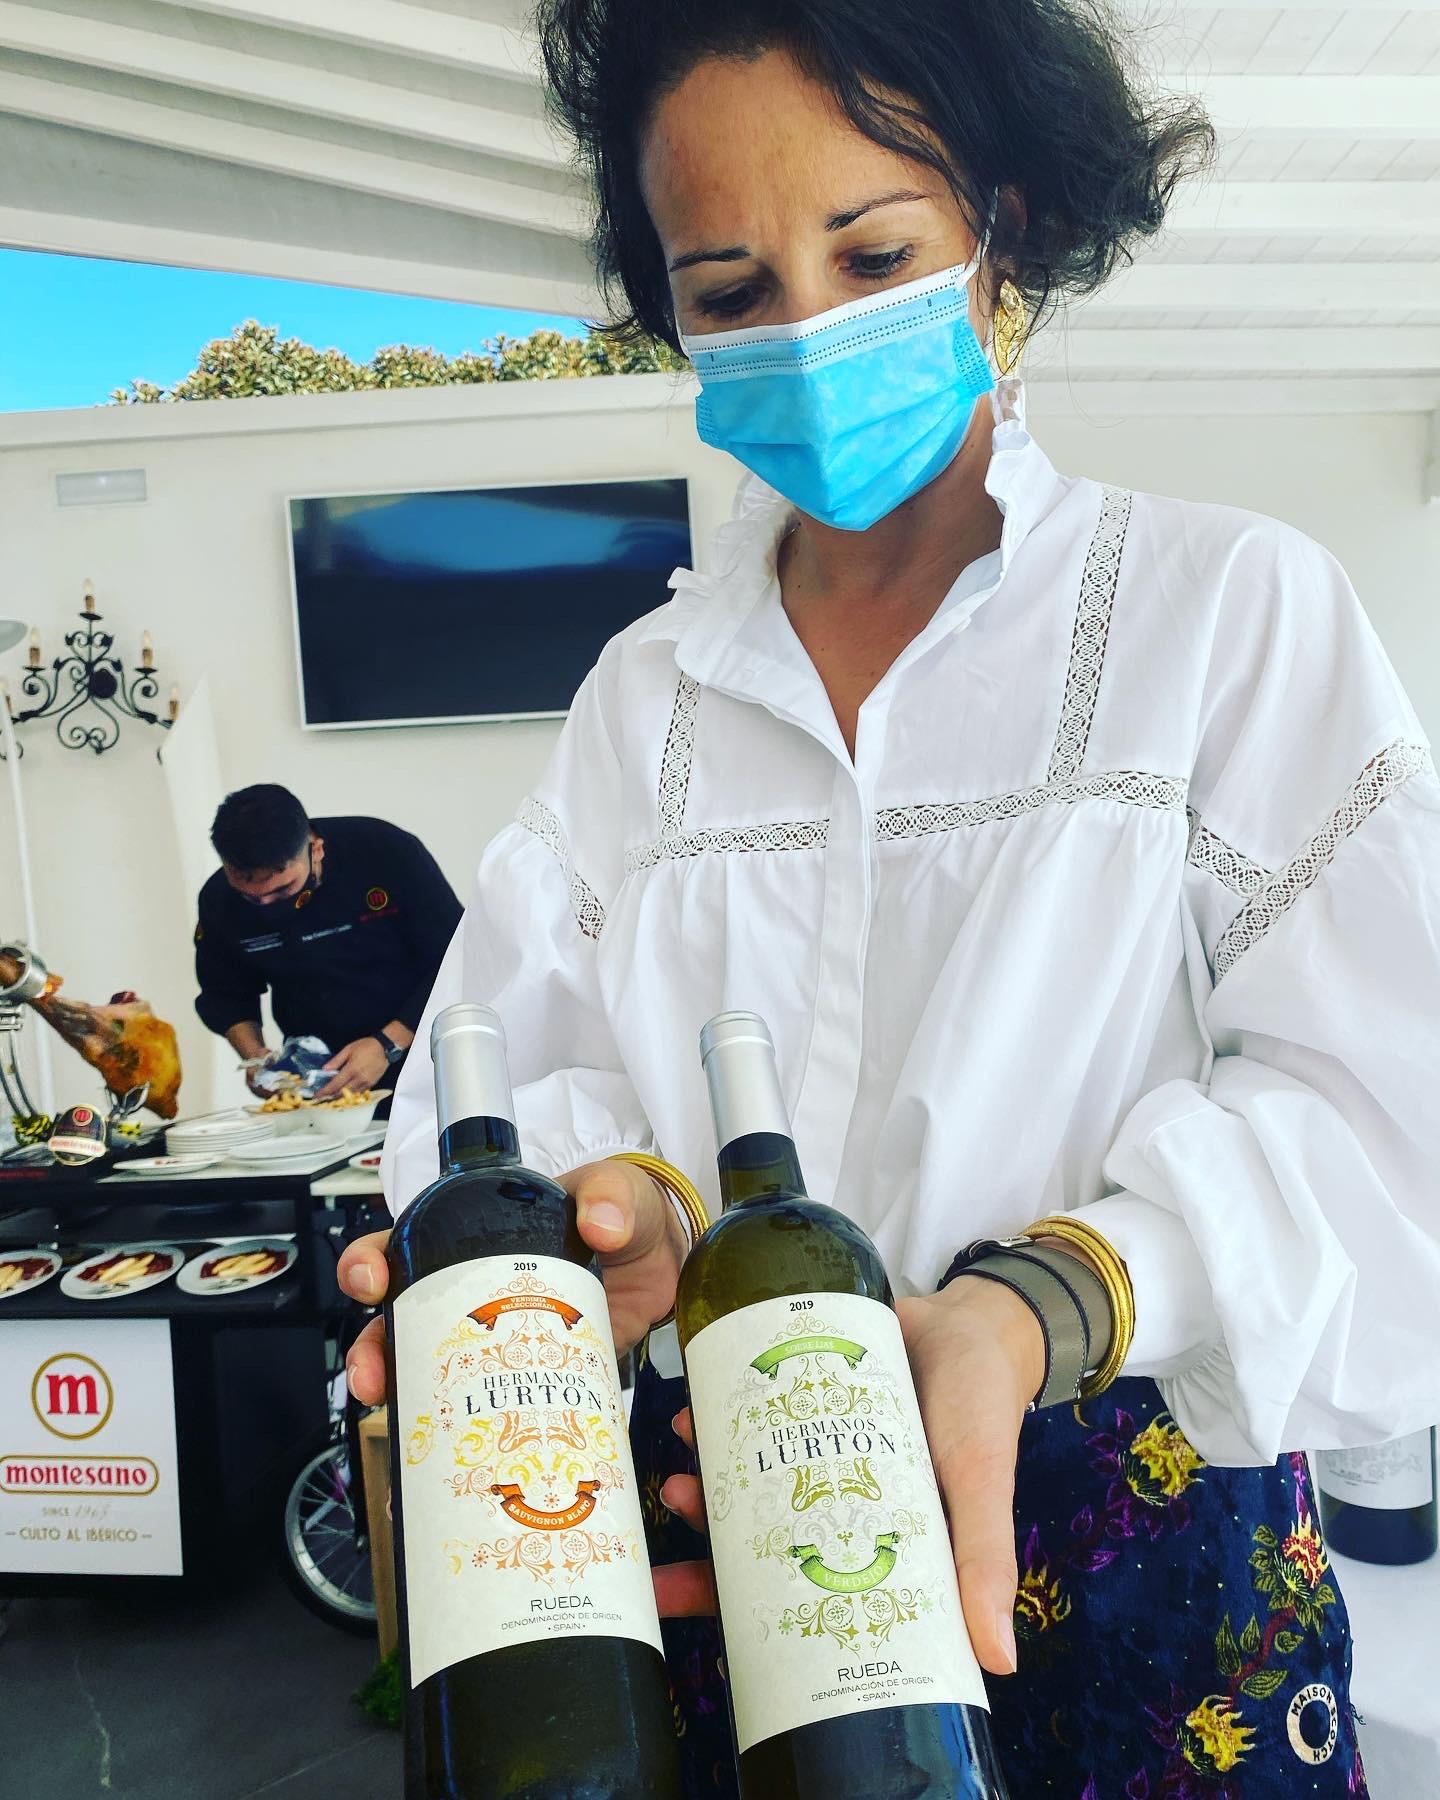 Mathilde Bazin de Caix, Brand Ambassador de las bodegas Hermanos Lurton, dirigió la cata de seis de los vinos más emblemáticos de la firma.